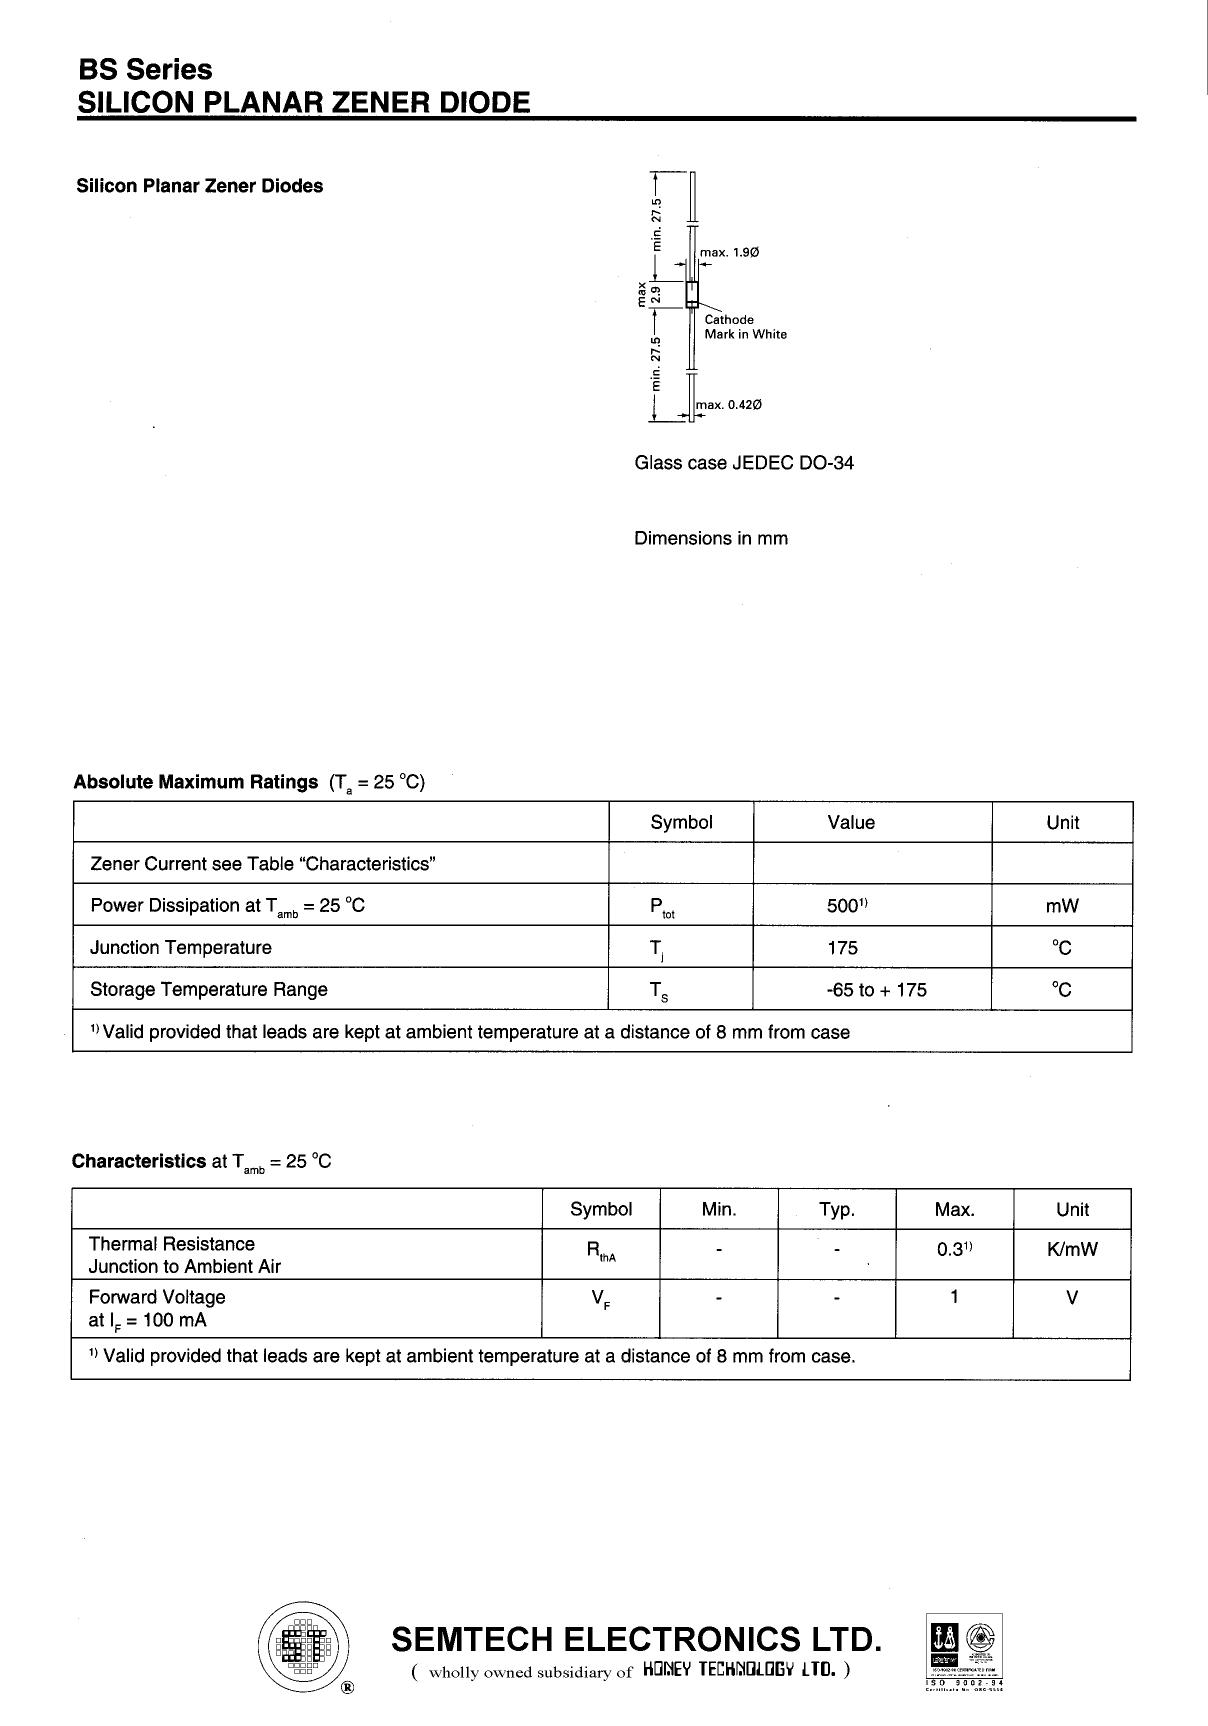 6.2BSA Hoja de datos, Descripción, Manual